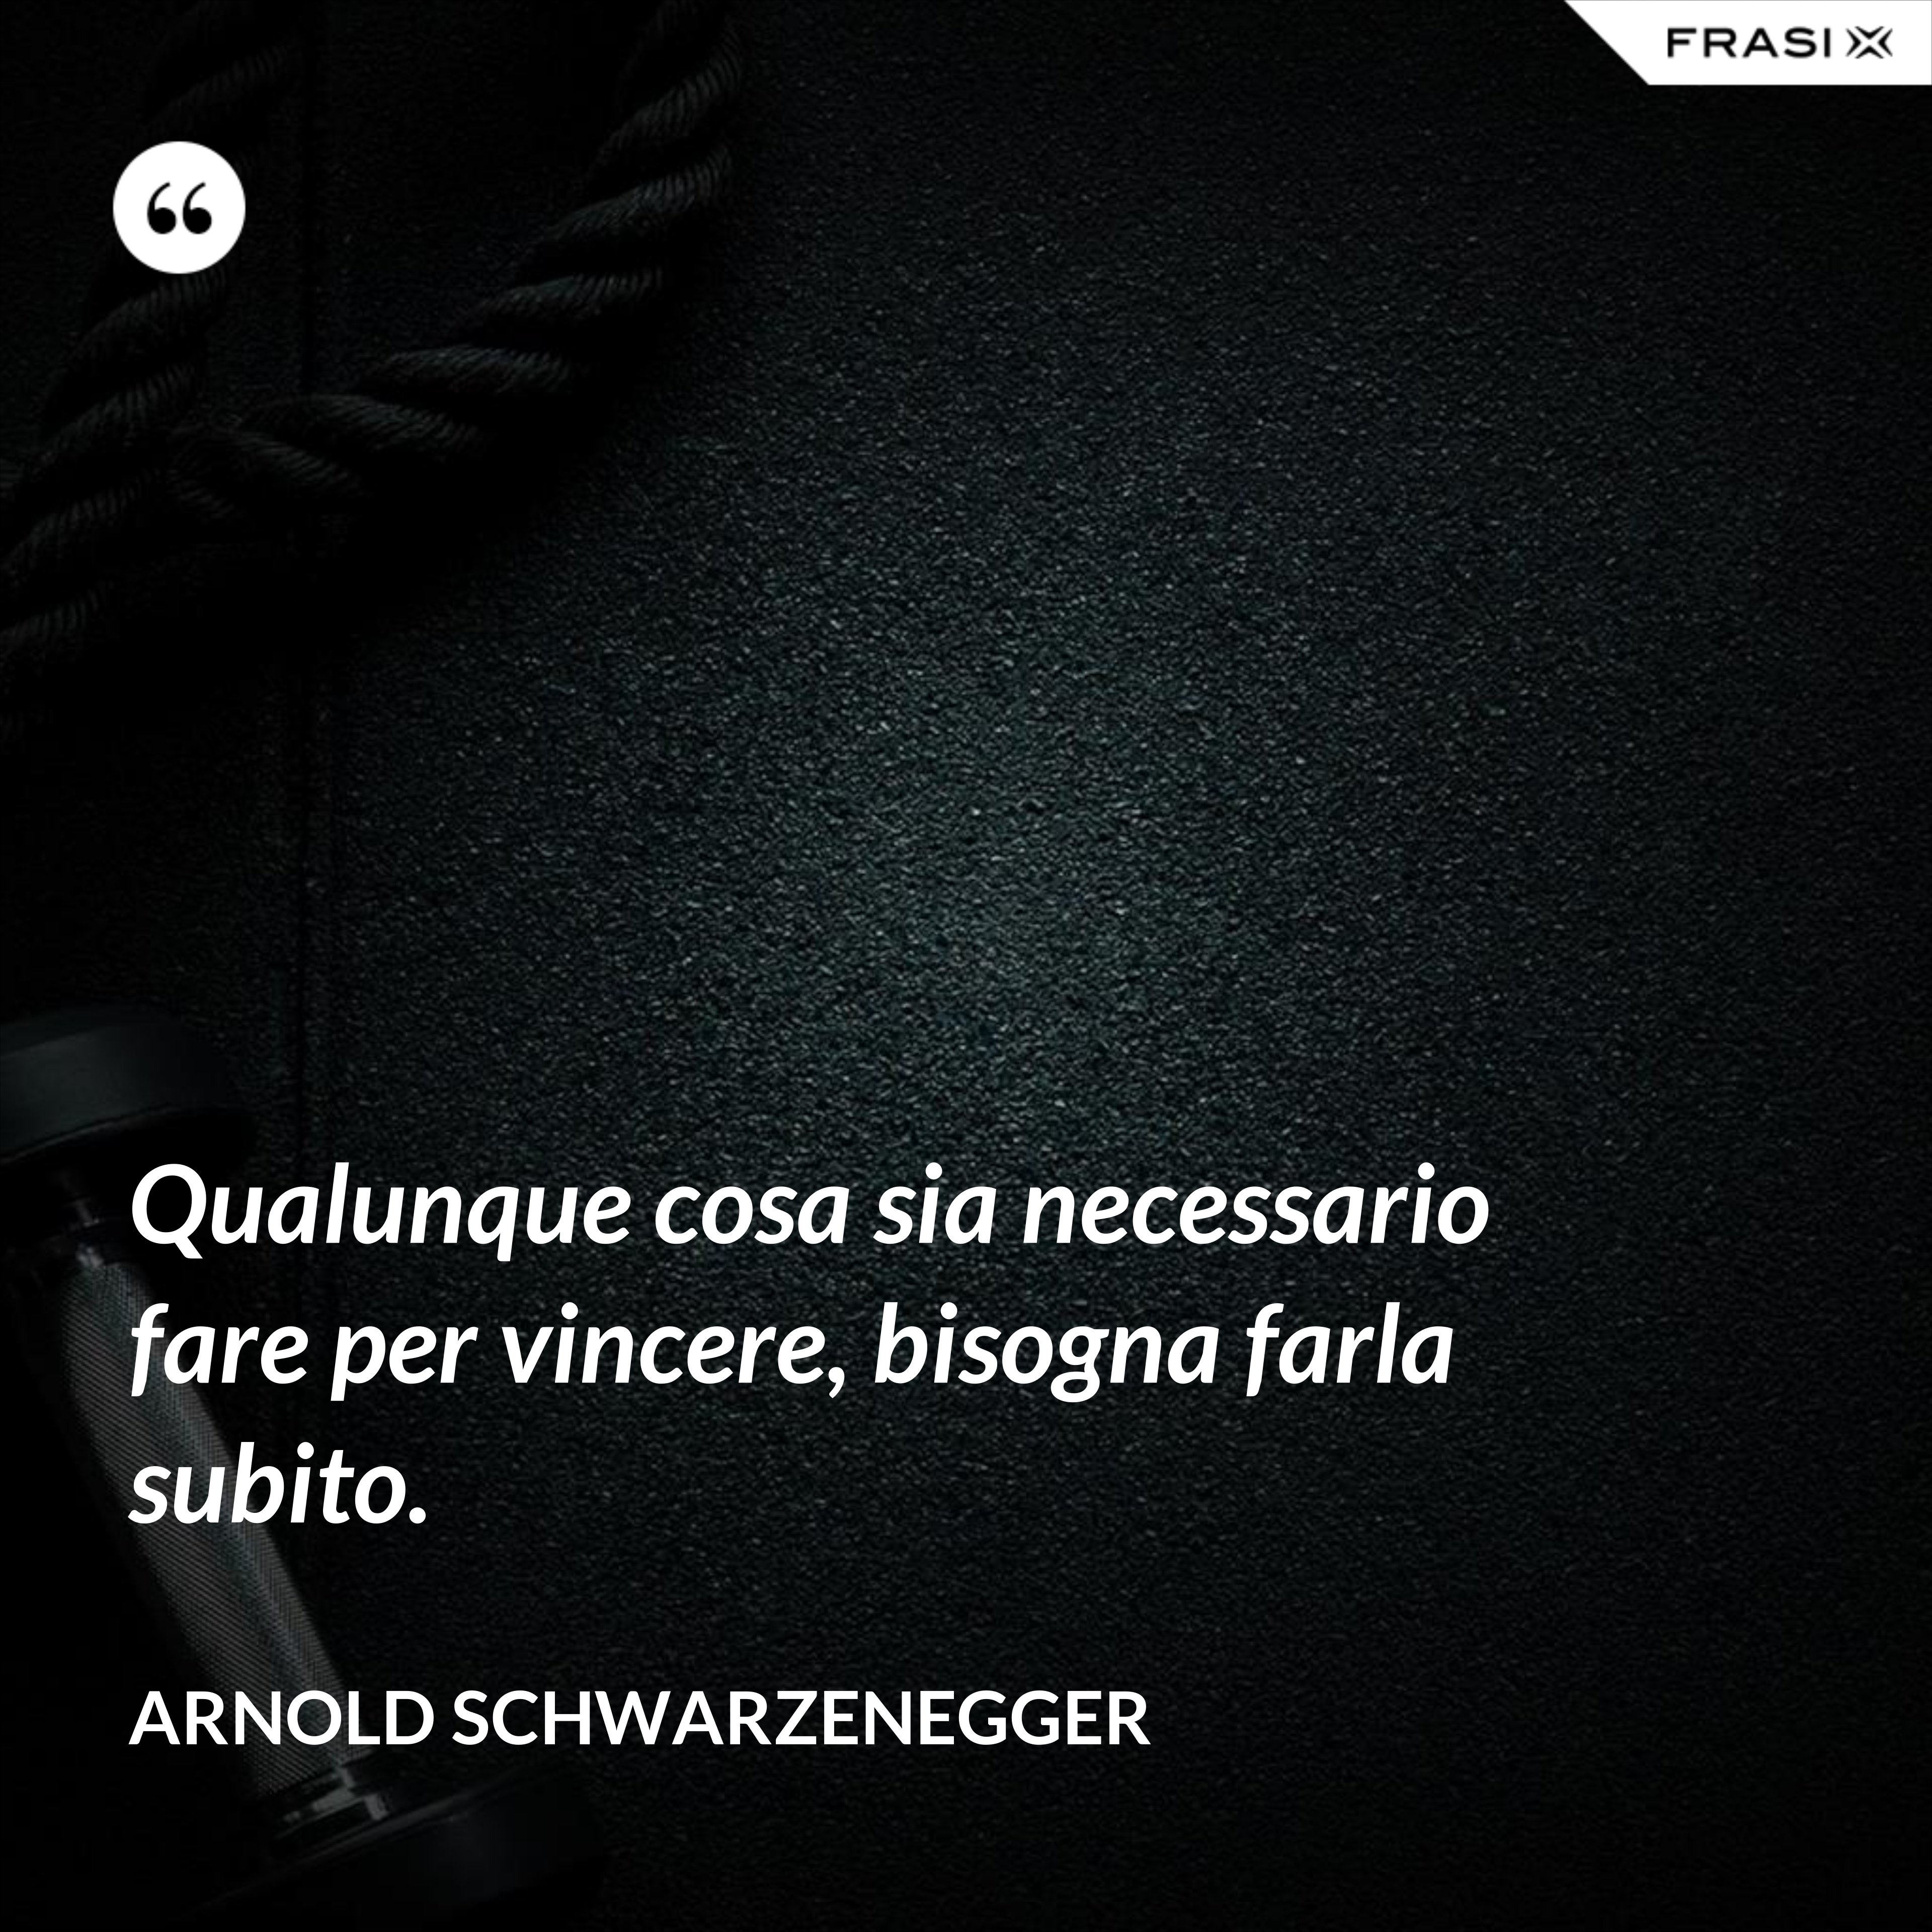 Qualunque cosa sia necessario fare per vincere, bisogna farla subito. - Arnold Schwarzenegger